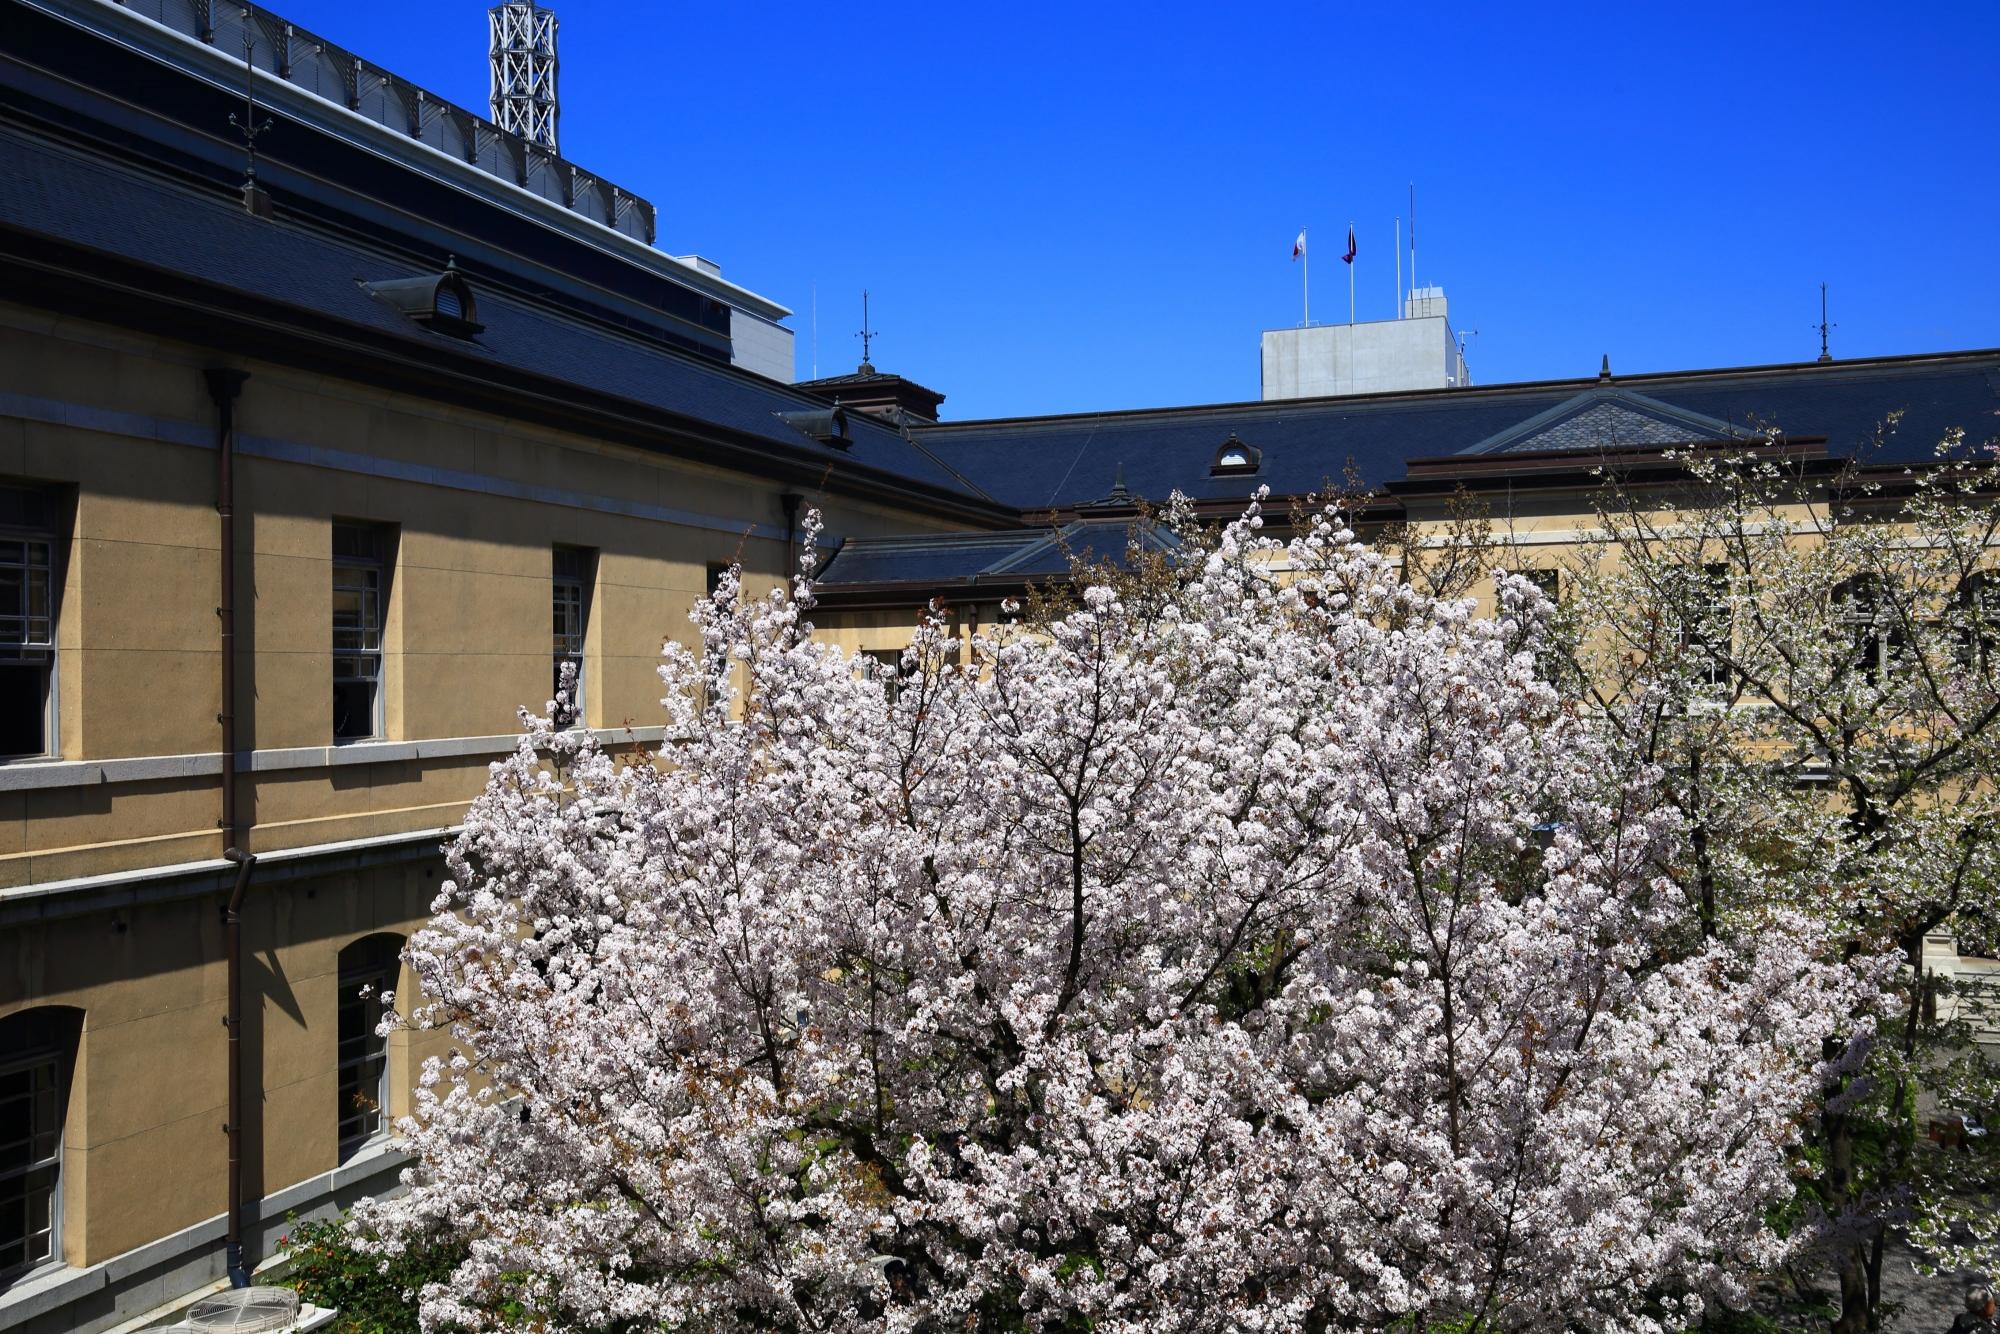 窓を開けて見下ろす弾けんばかりの満開の桜とレトロな建物